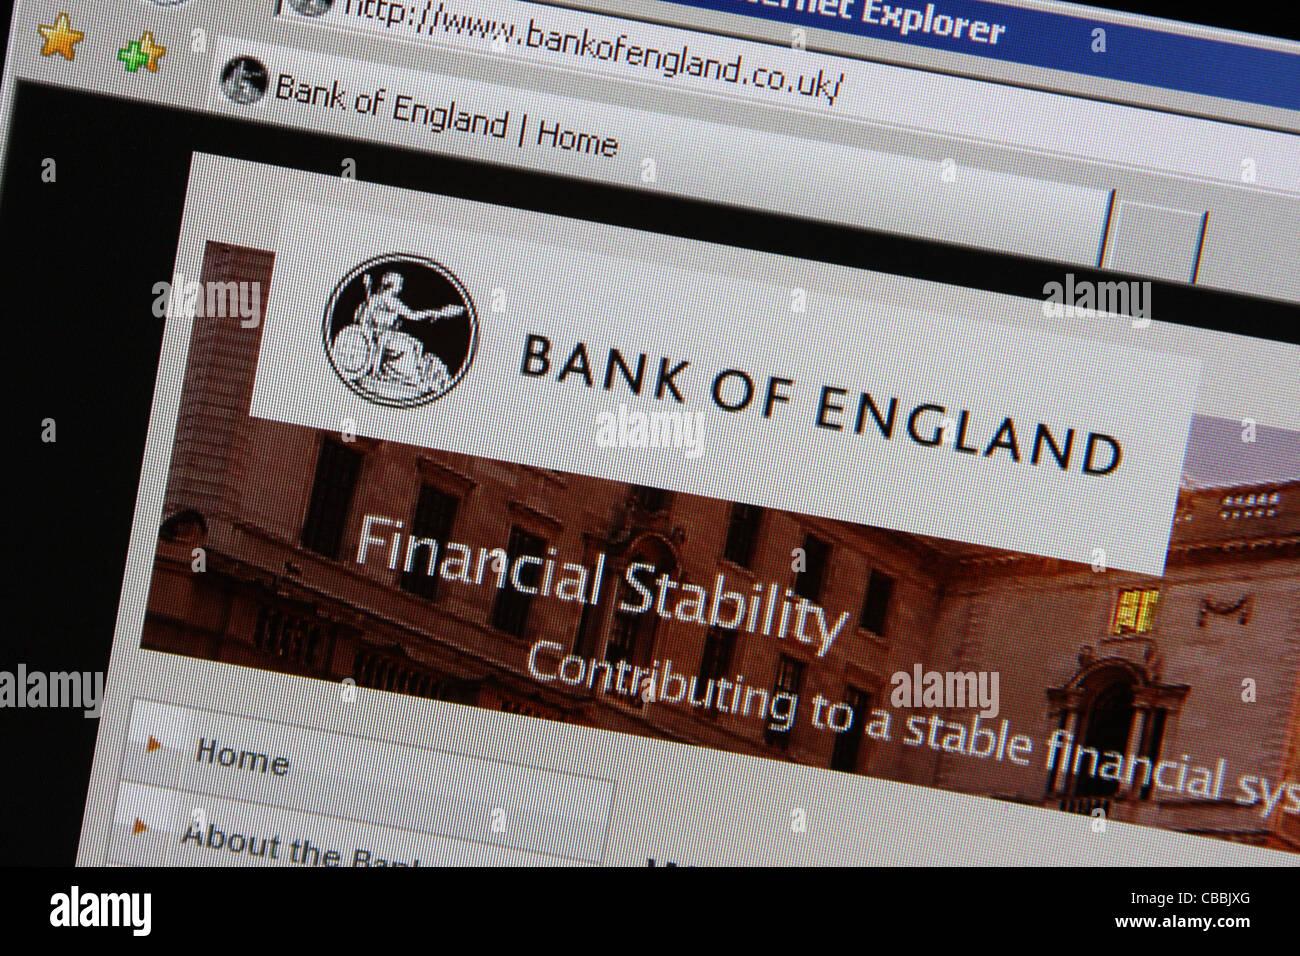 bank of england bankofengland website screen - Stock Image